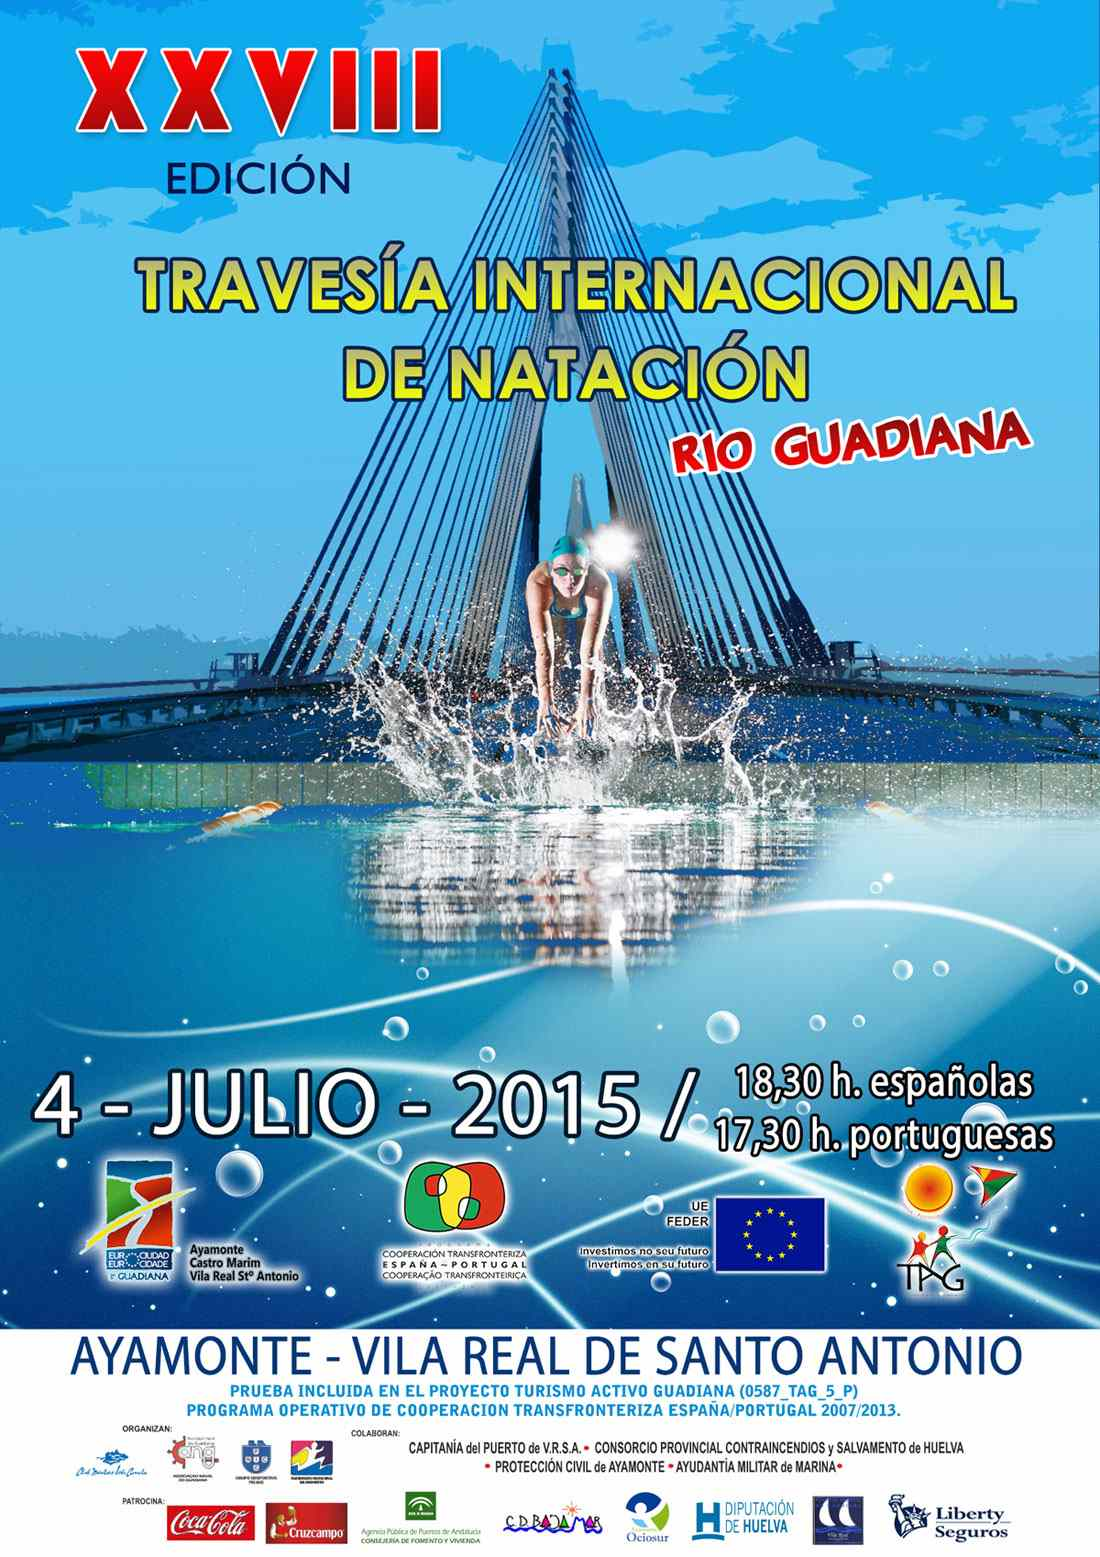 TRAVESÍA DE NATACIÓN RIO GUADIANA - Inscriu-te